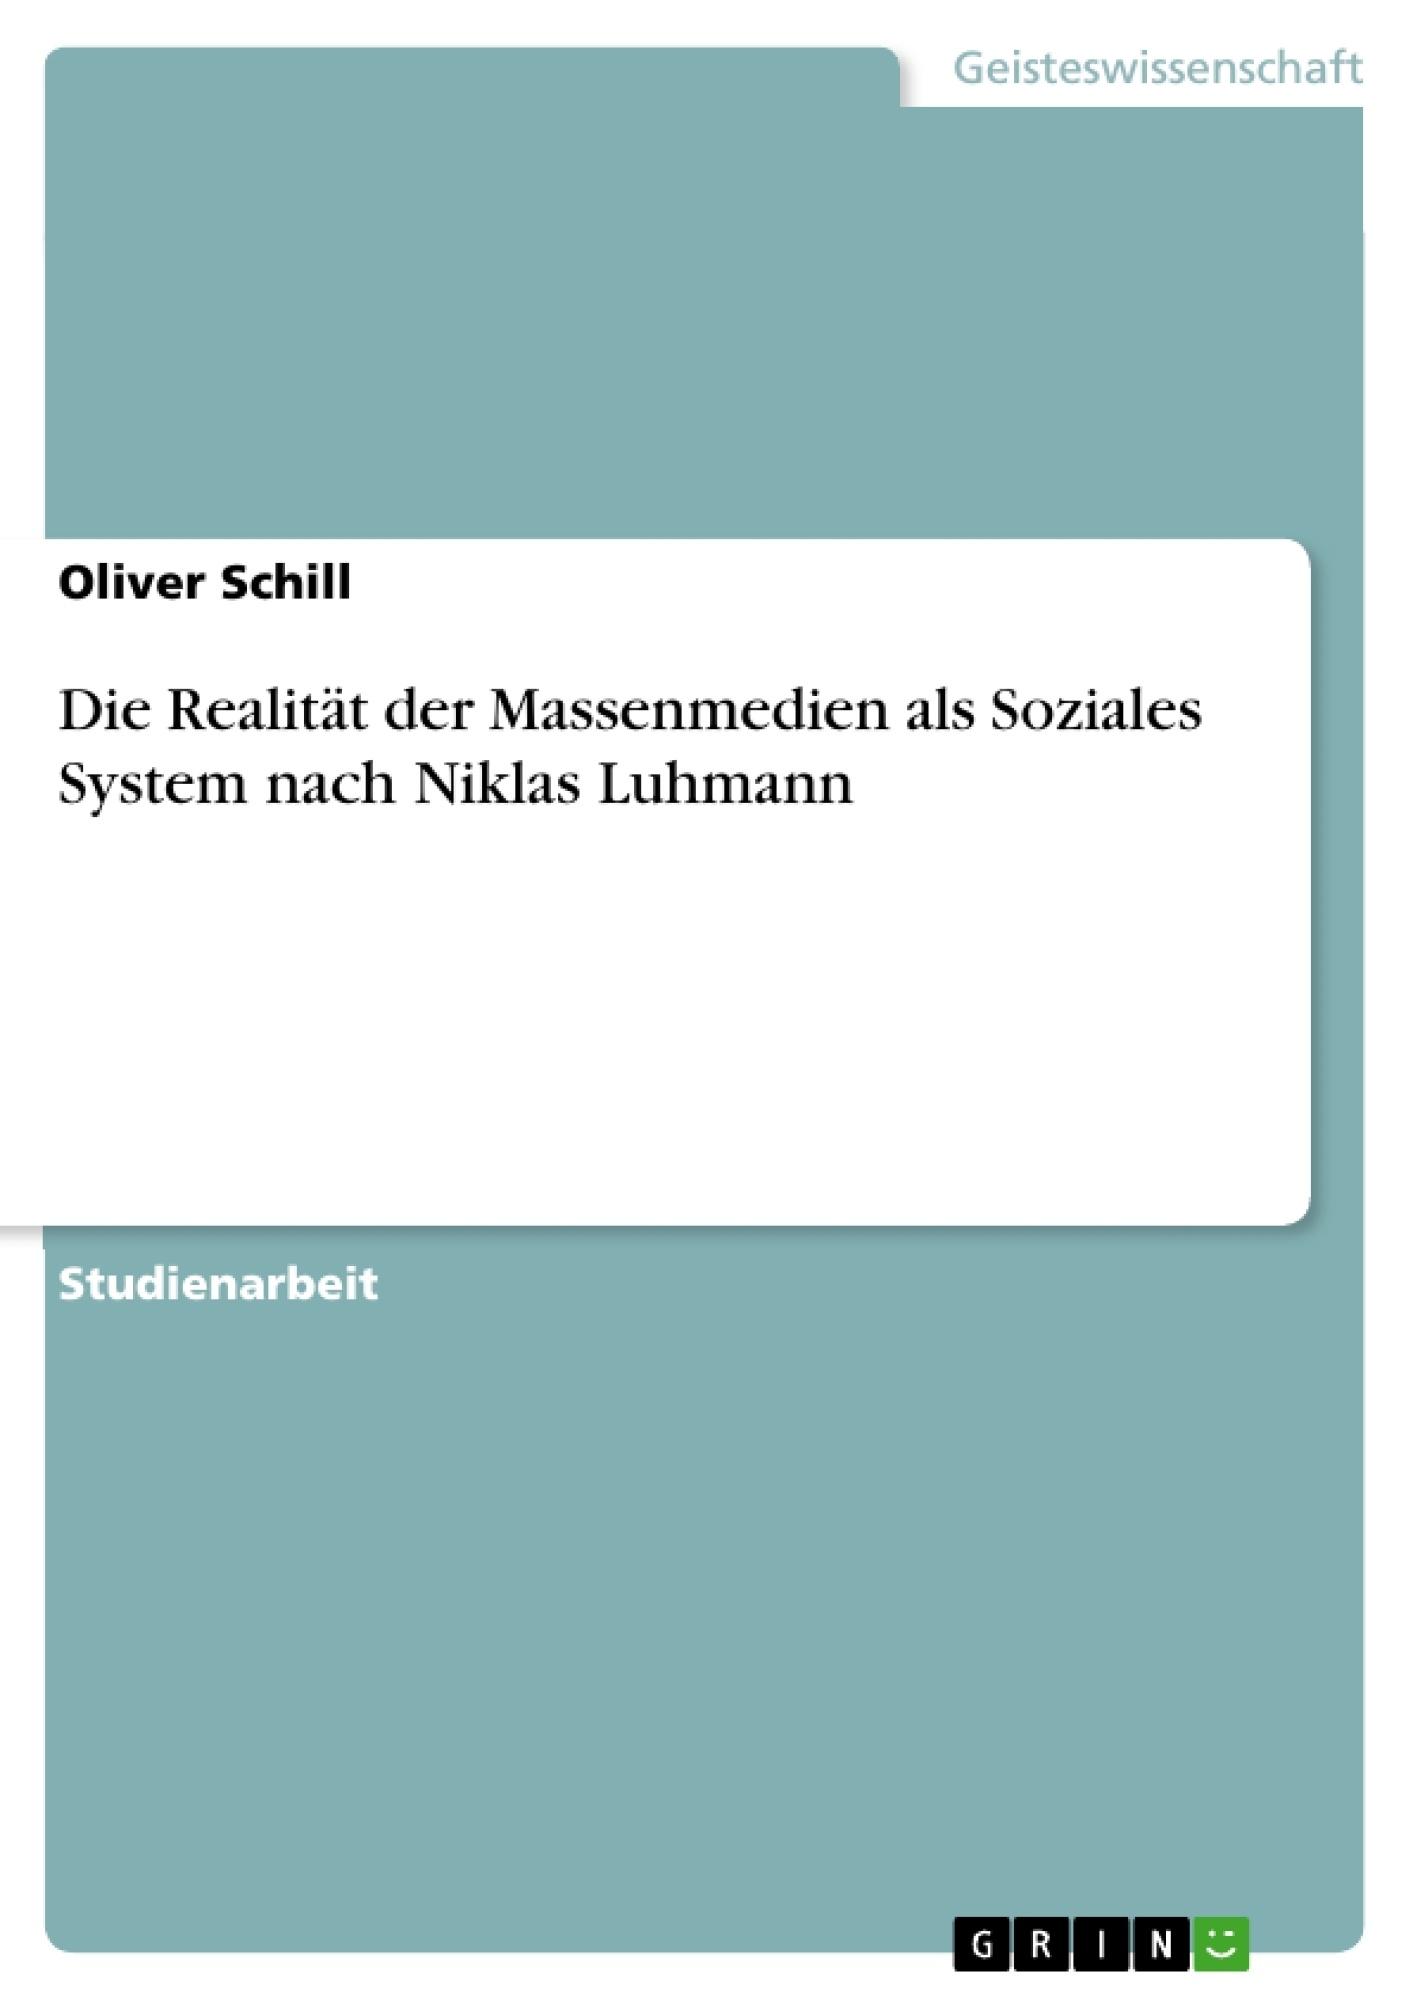 Titel: Die Realität der Massenmedien als Soziales System nach Niklas Luhmann